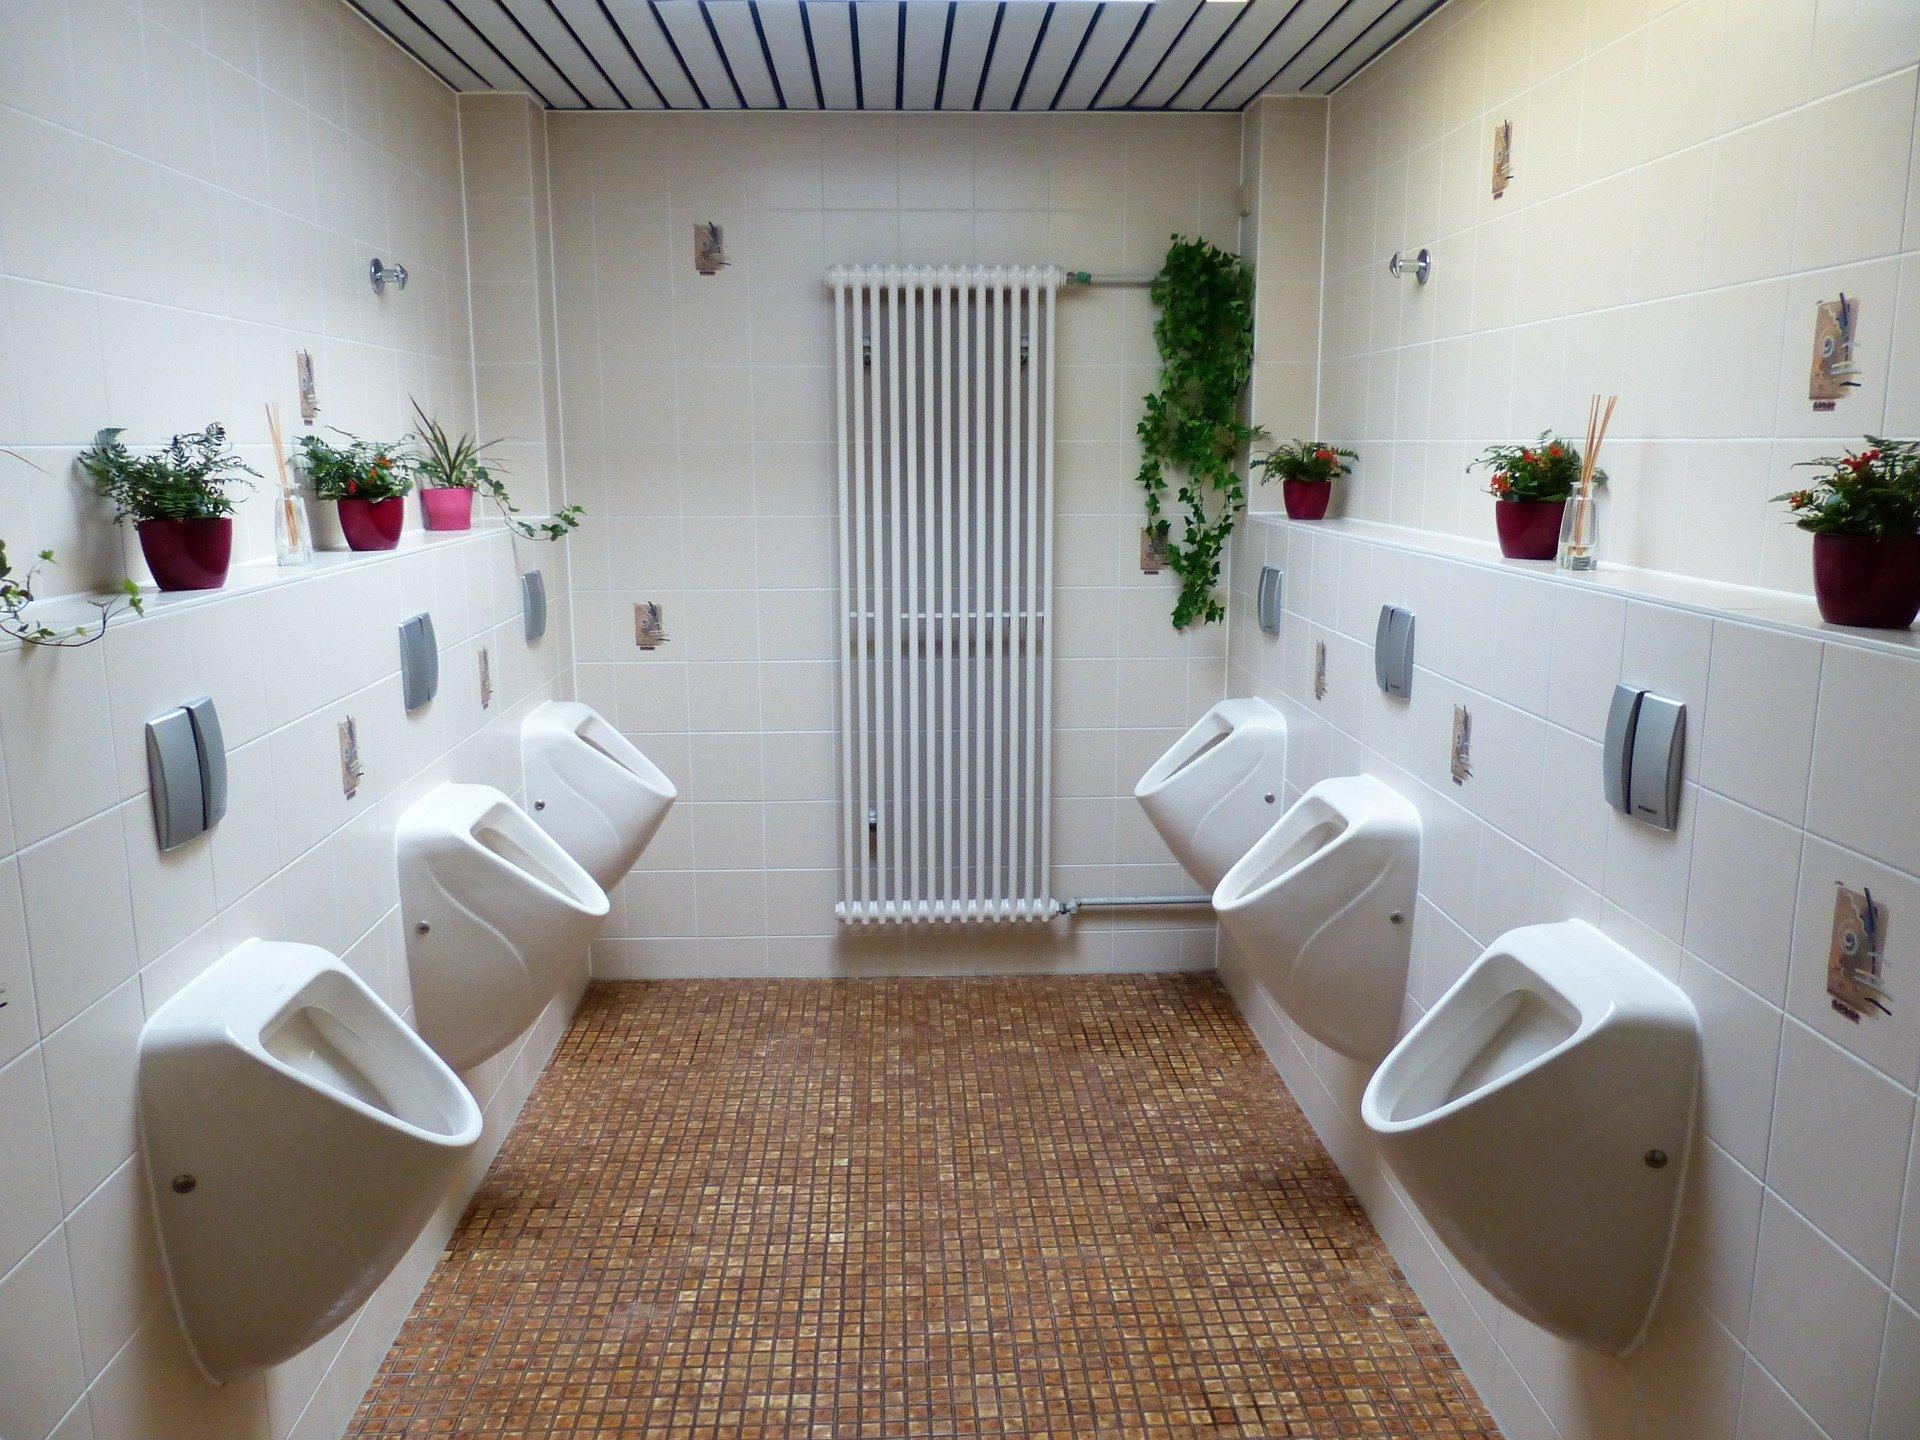 Dyskryminacja toaletowa dotyczy głównie kobiet